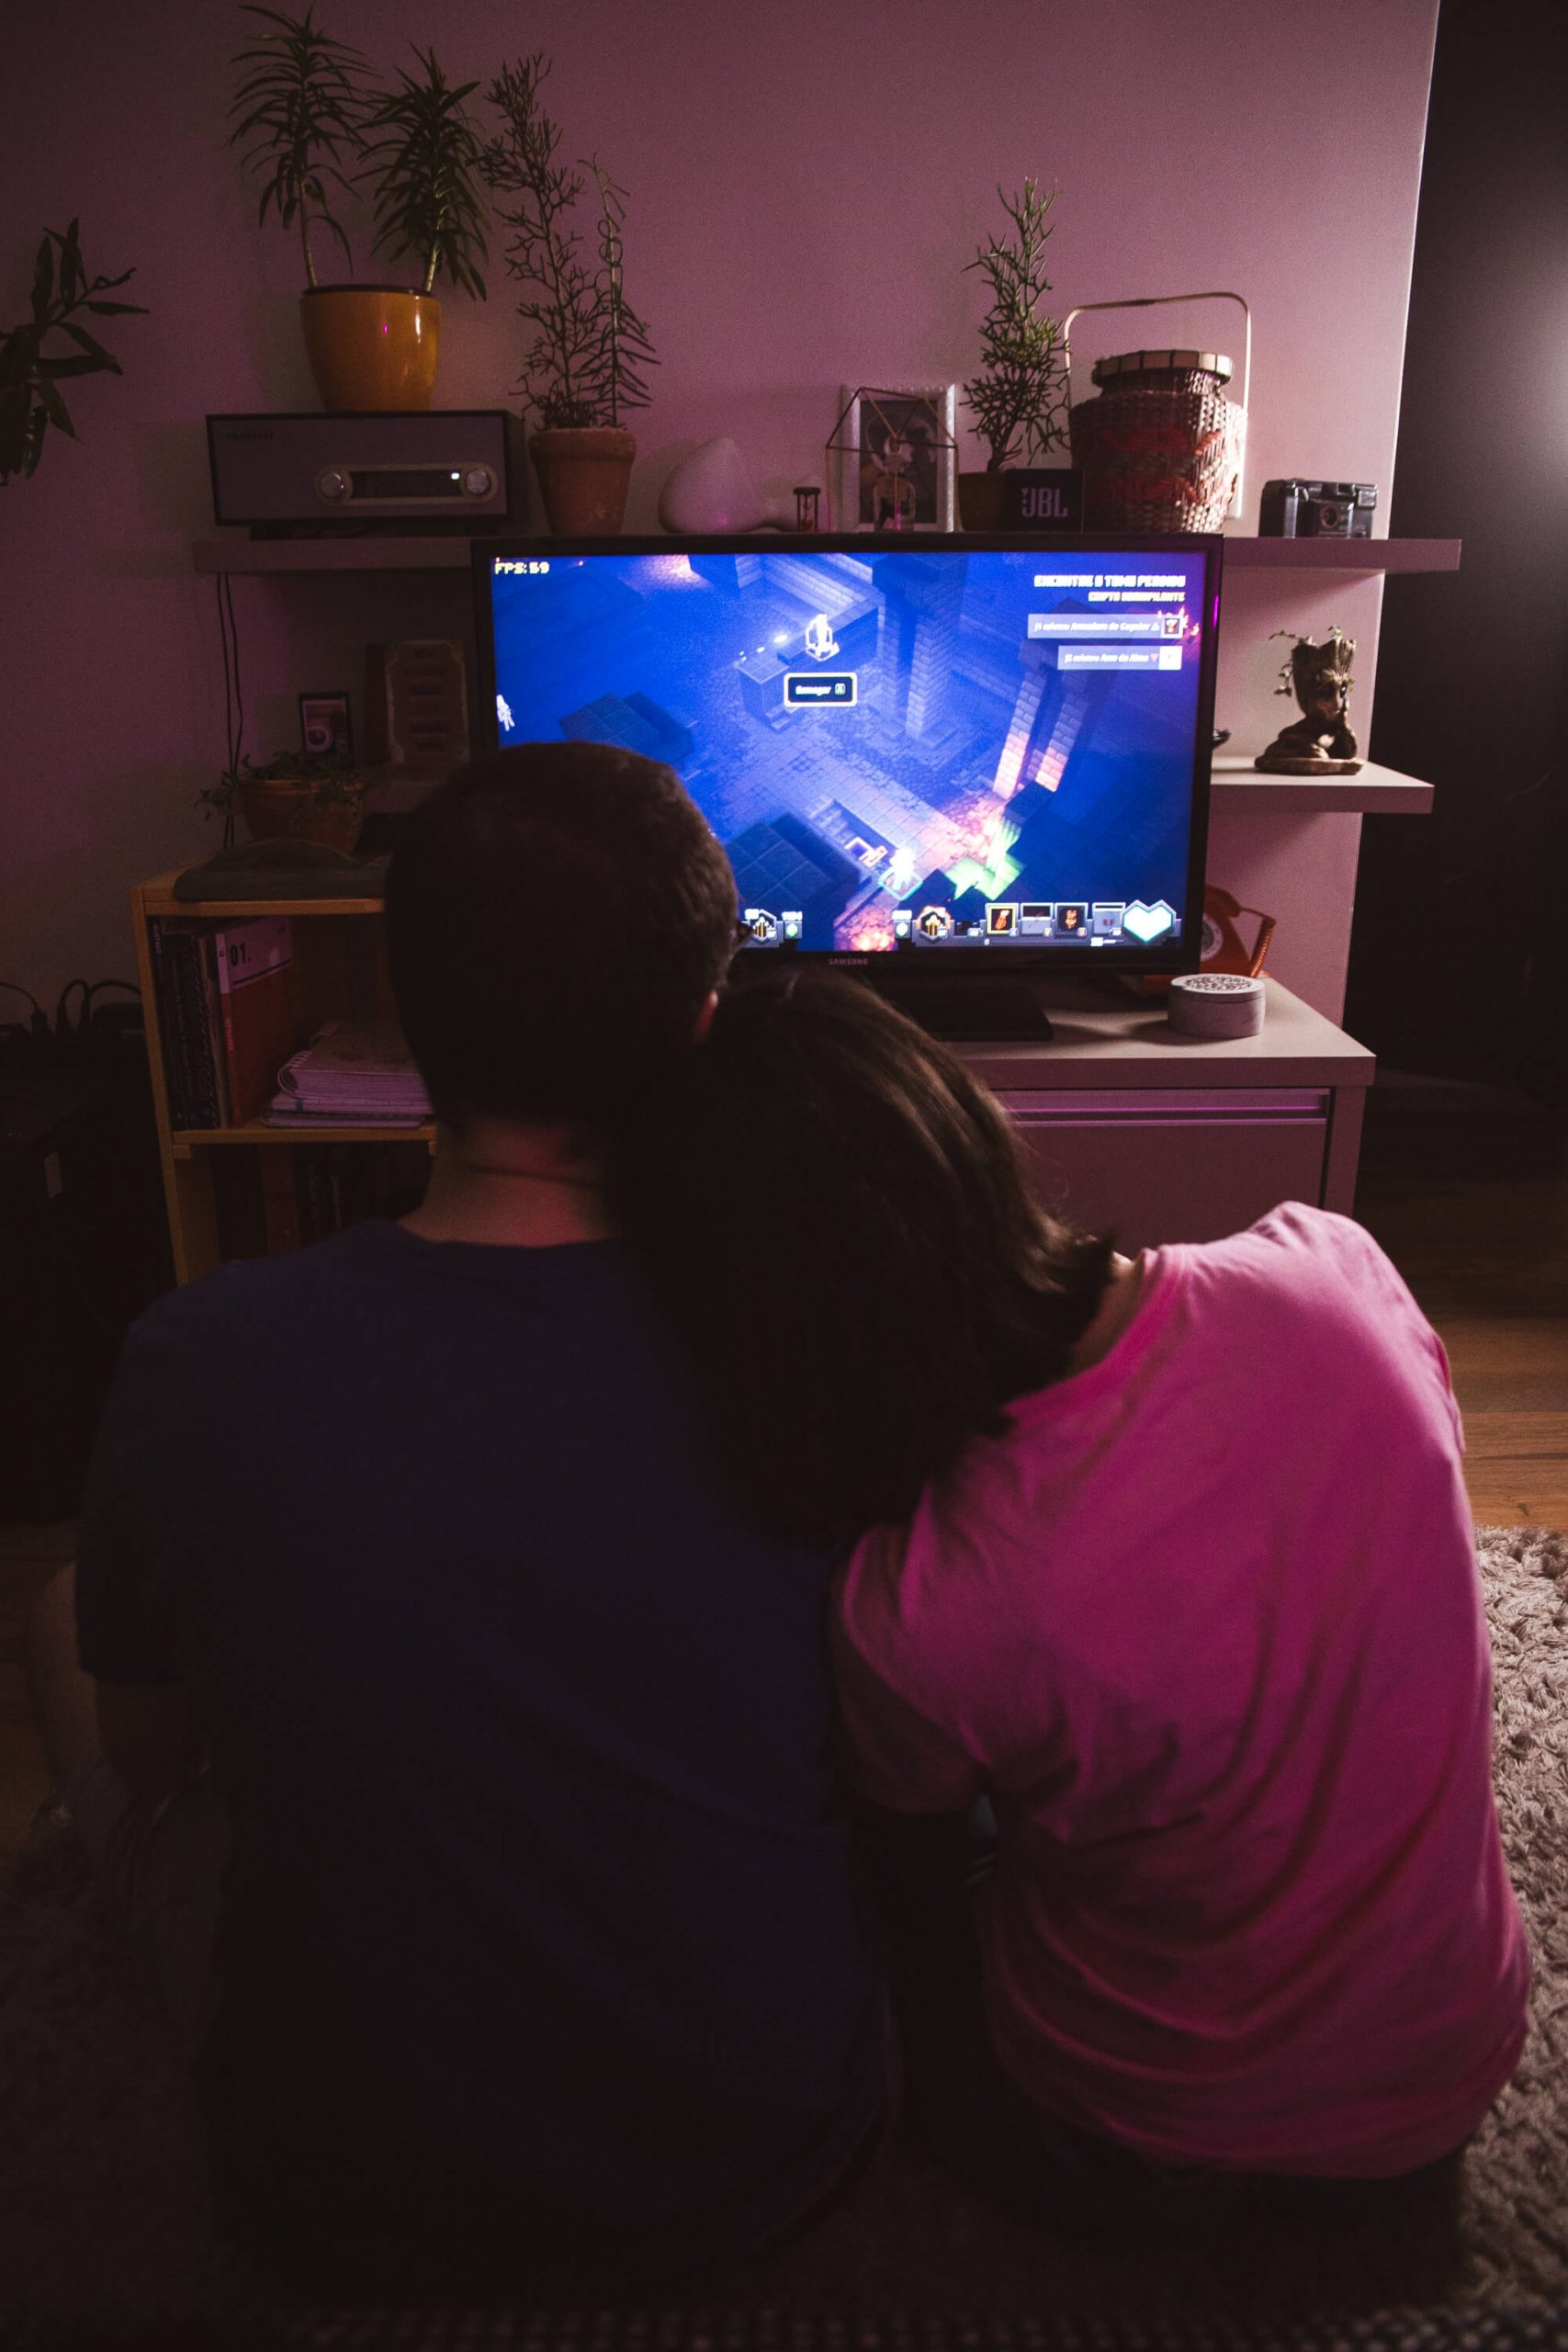 Ensaio casal jogando video game